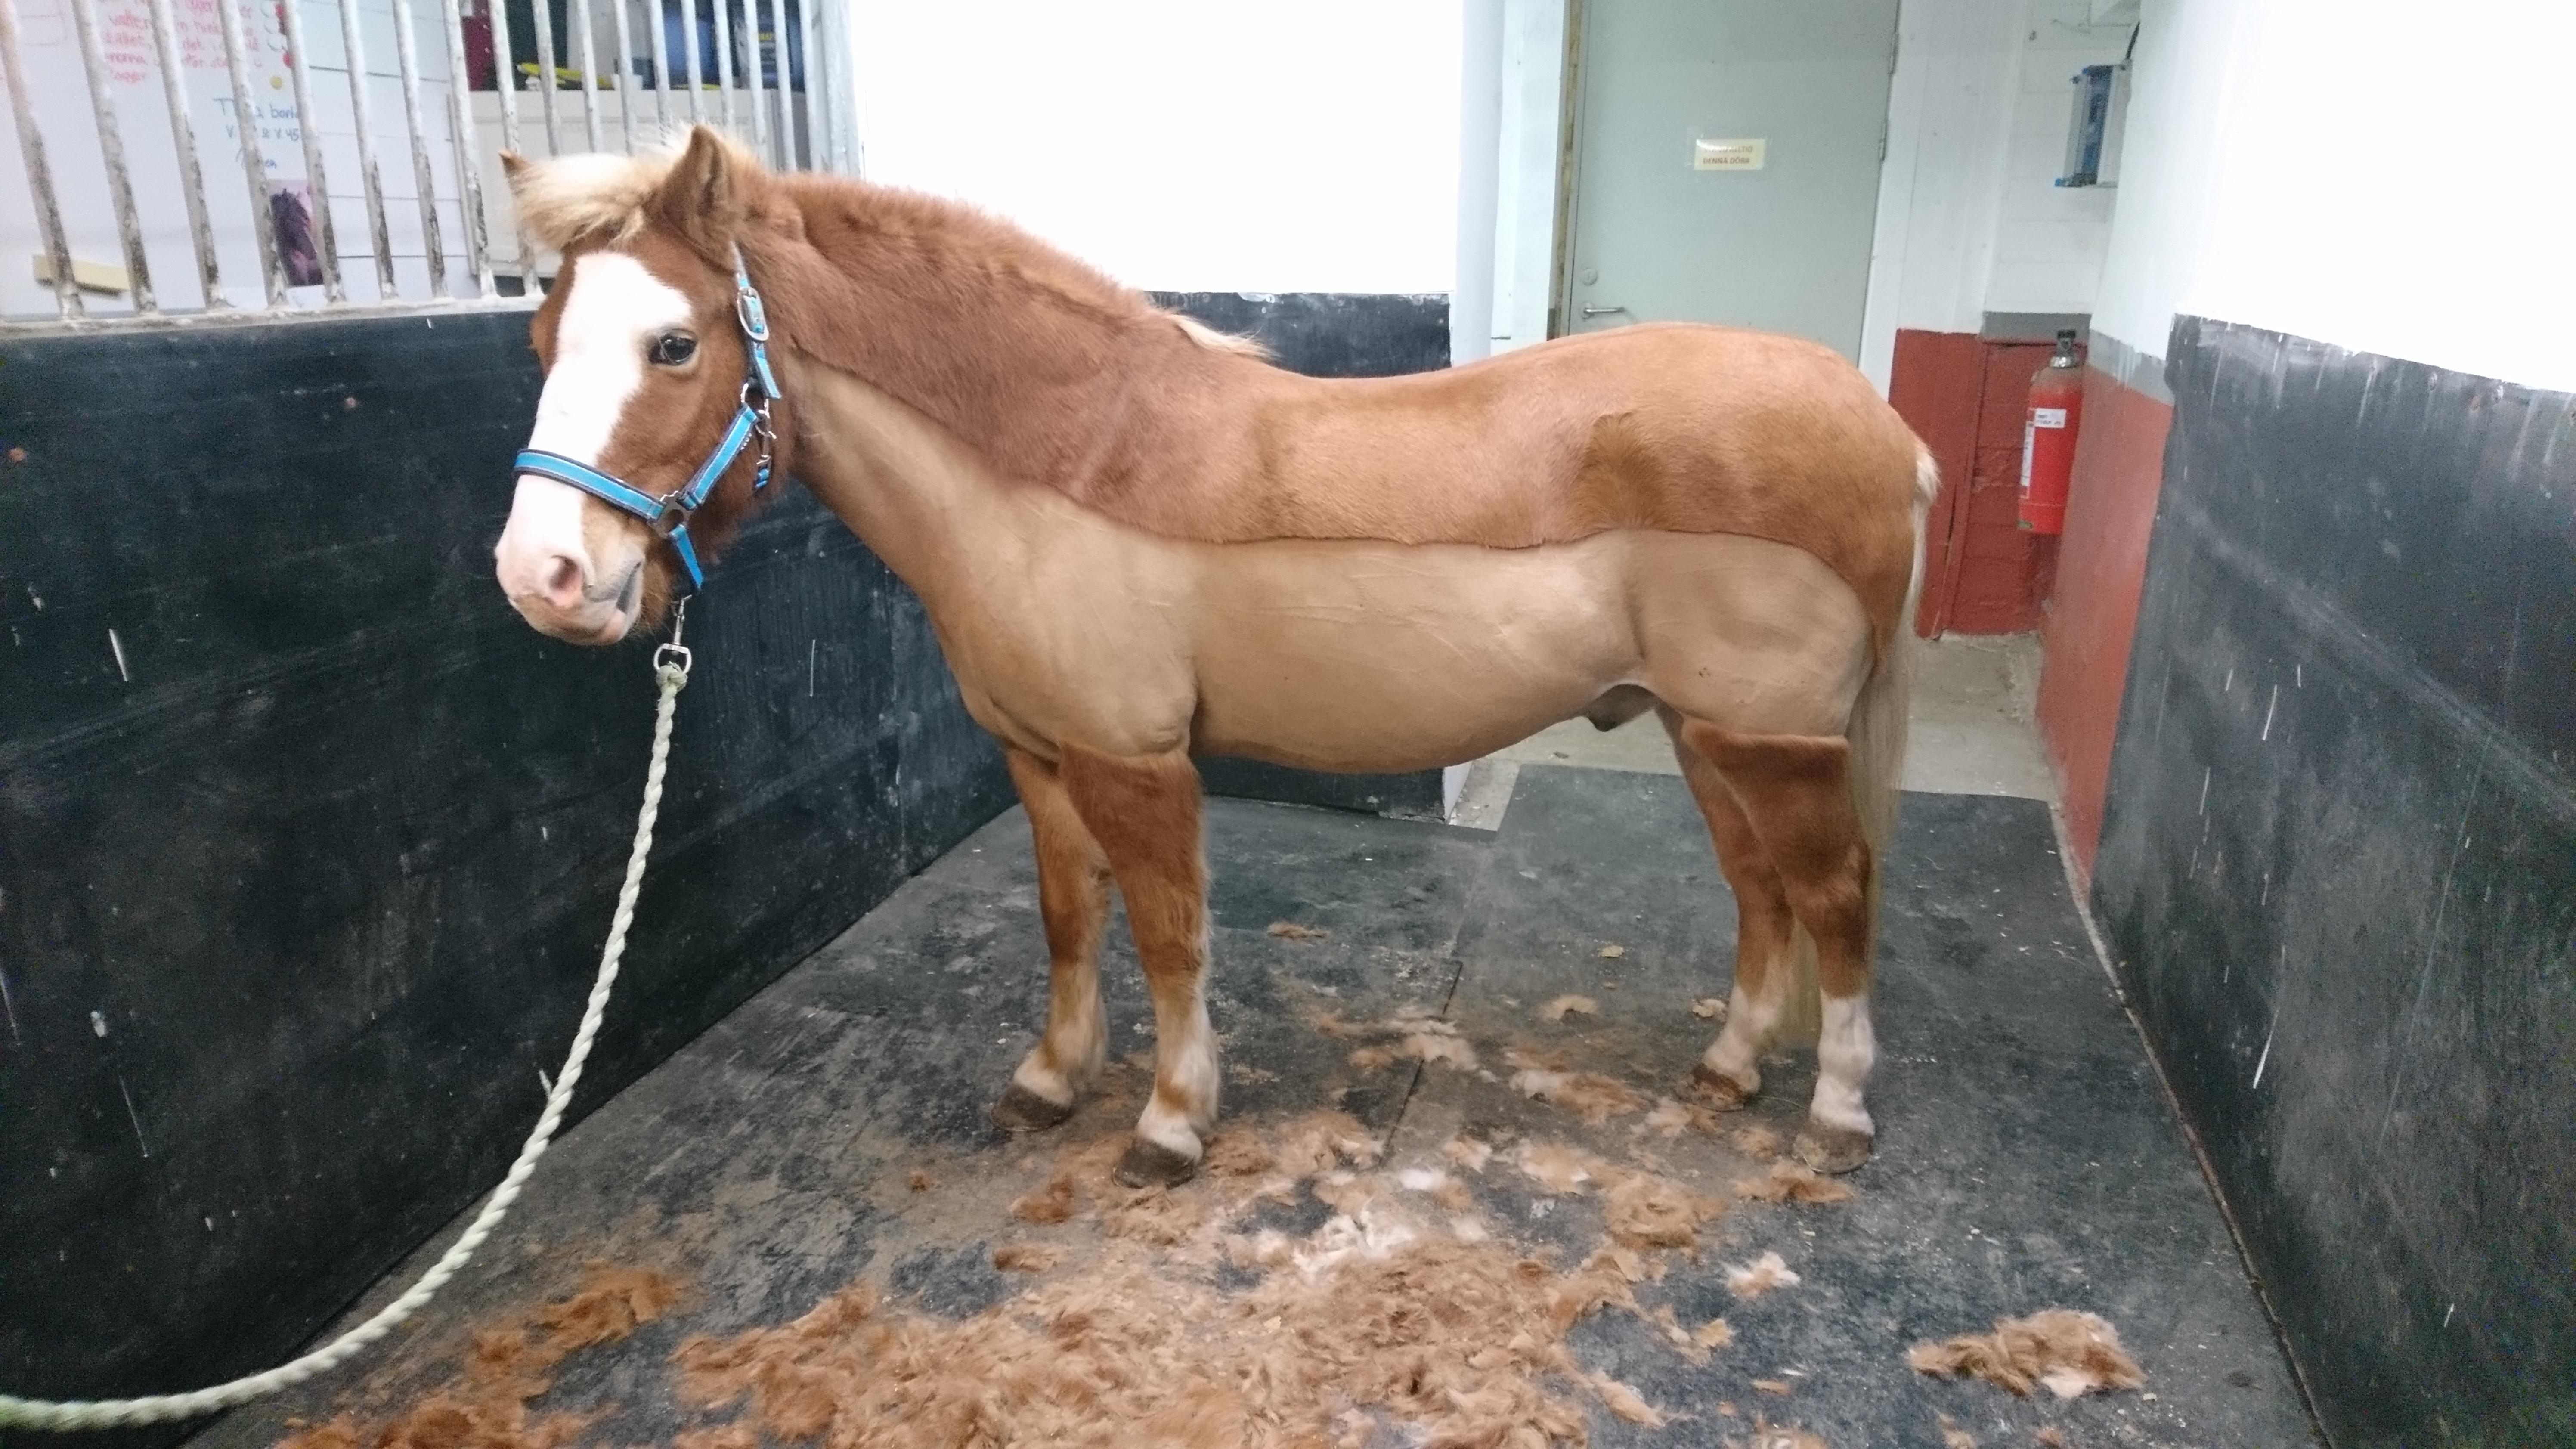 klippning av häst